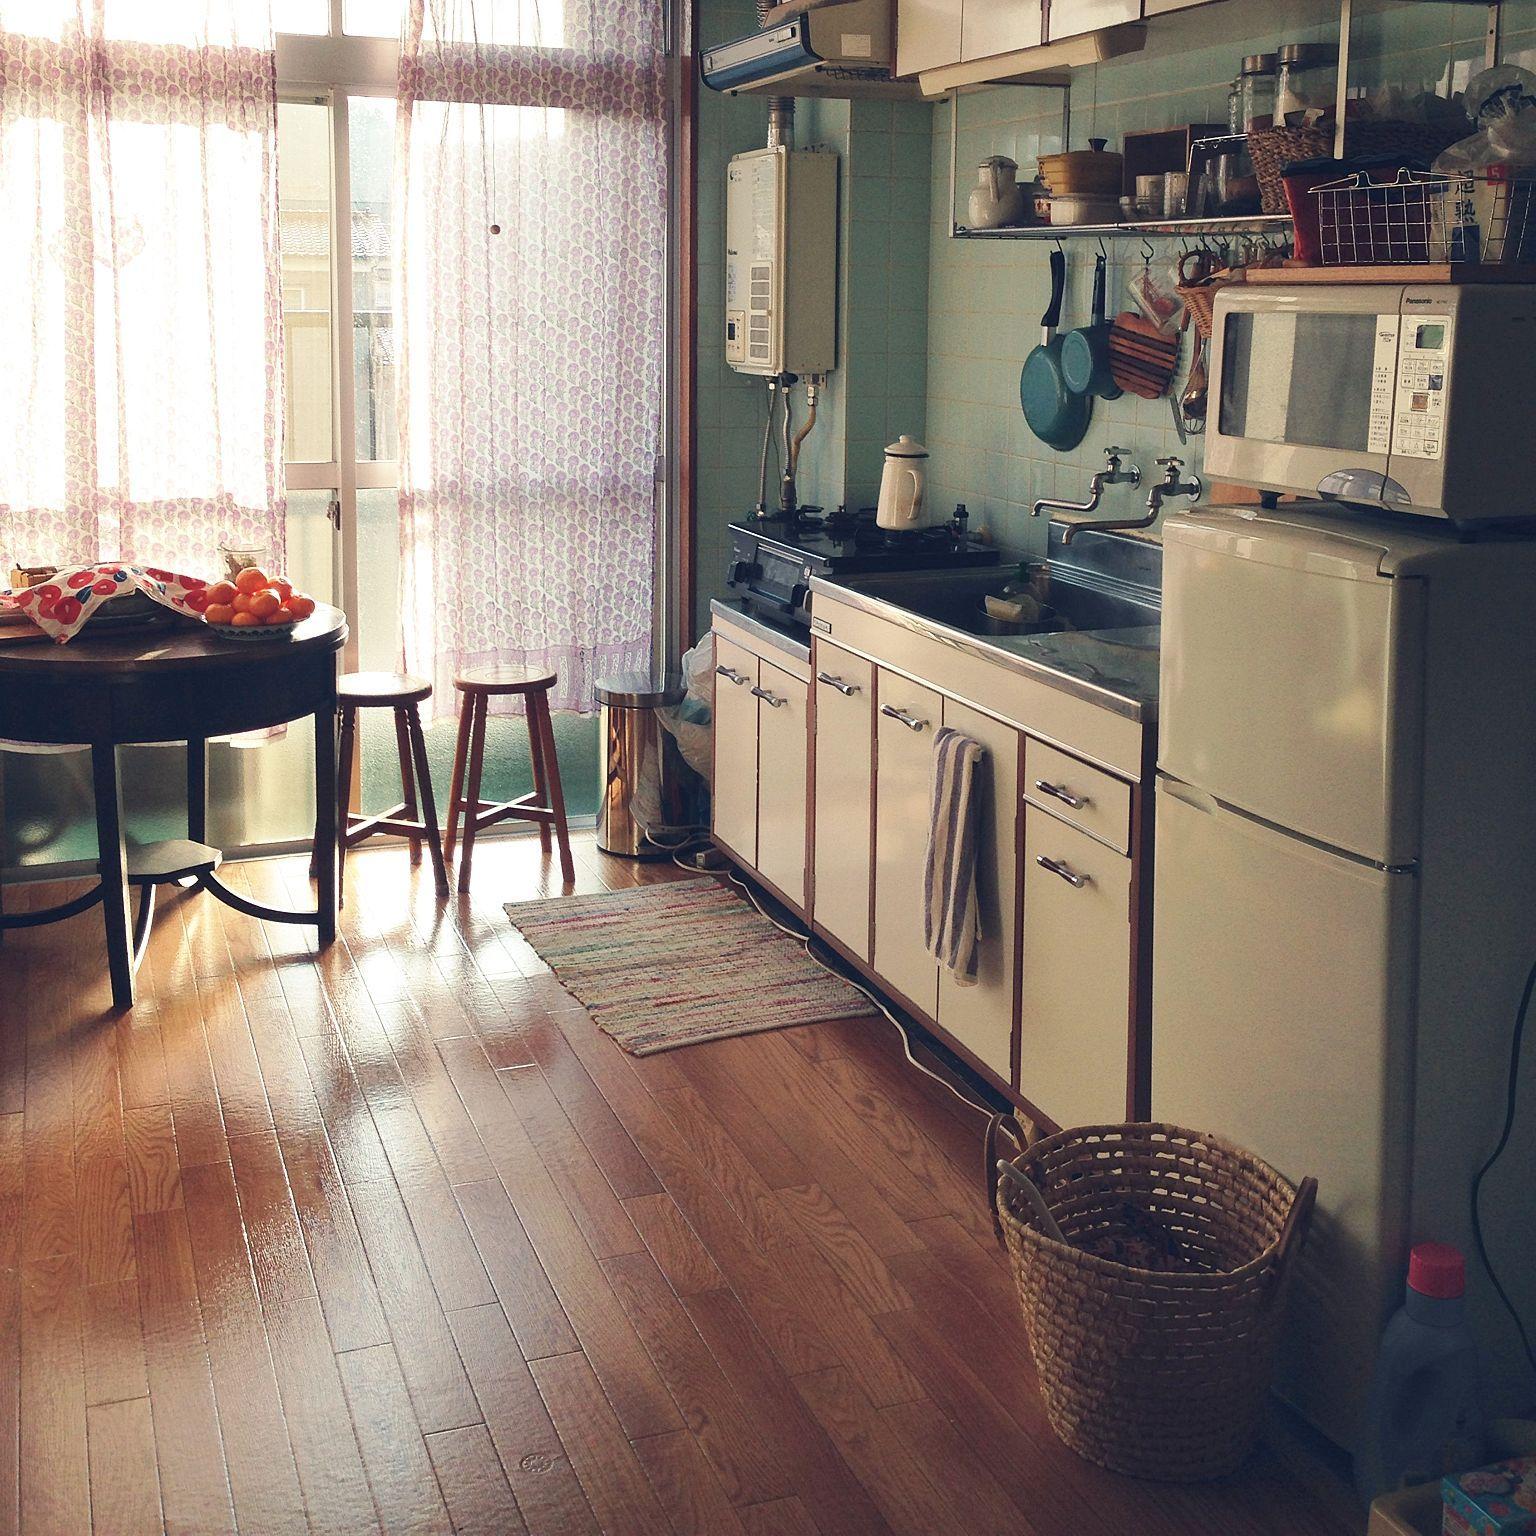 キッチン レトロ 一人暮らしのインテリア実例 2015 11 23 08 25 41 Roomclip ルームクリップ インテリア 家具 和室 インテリア 一人暮らし インテリア